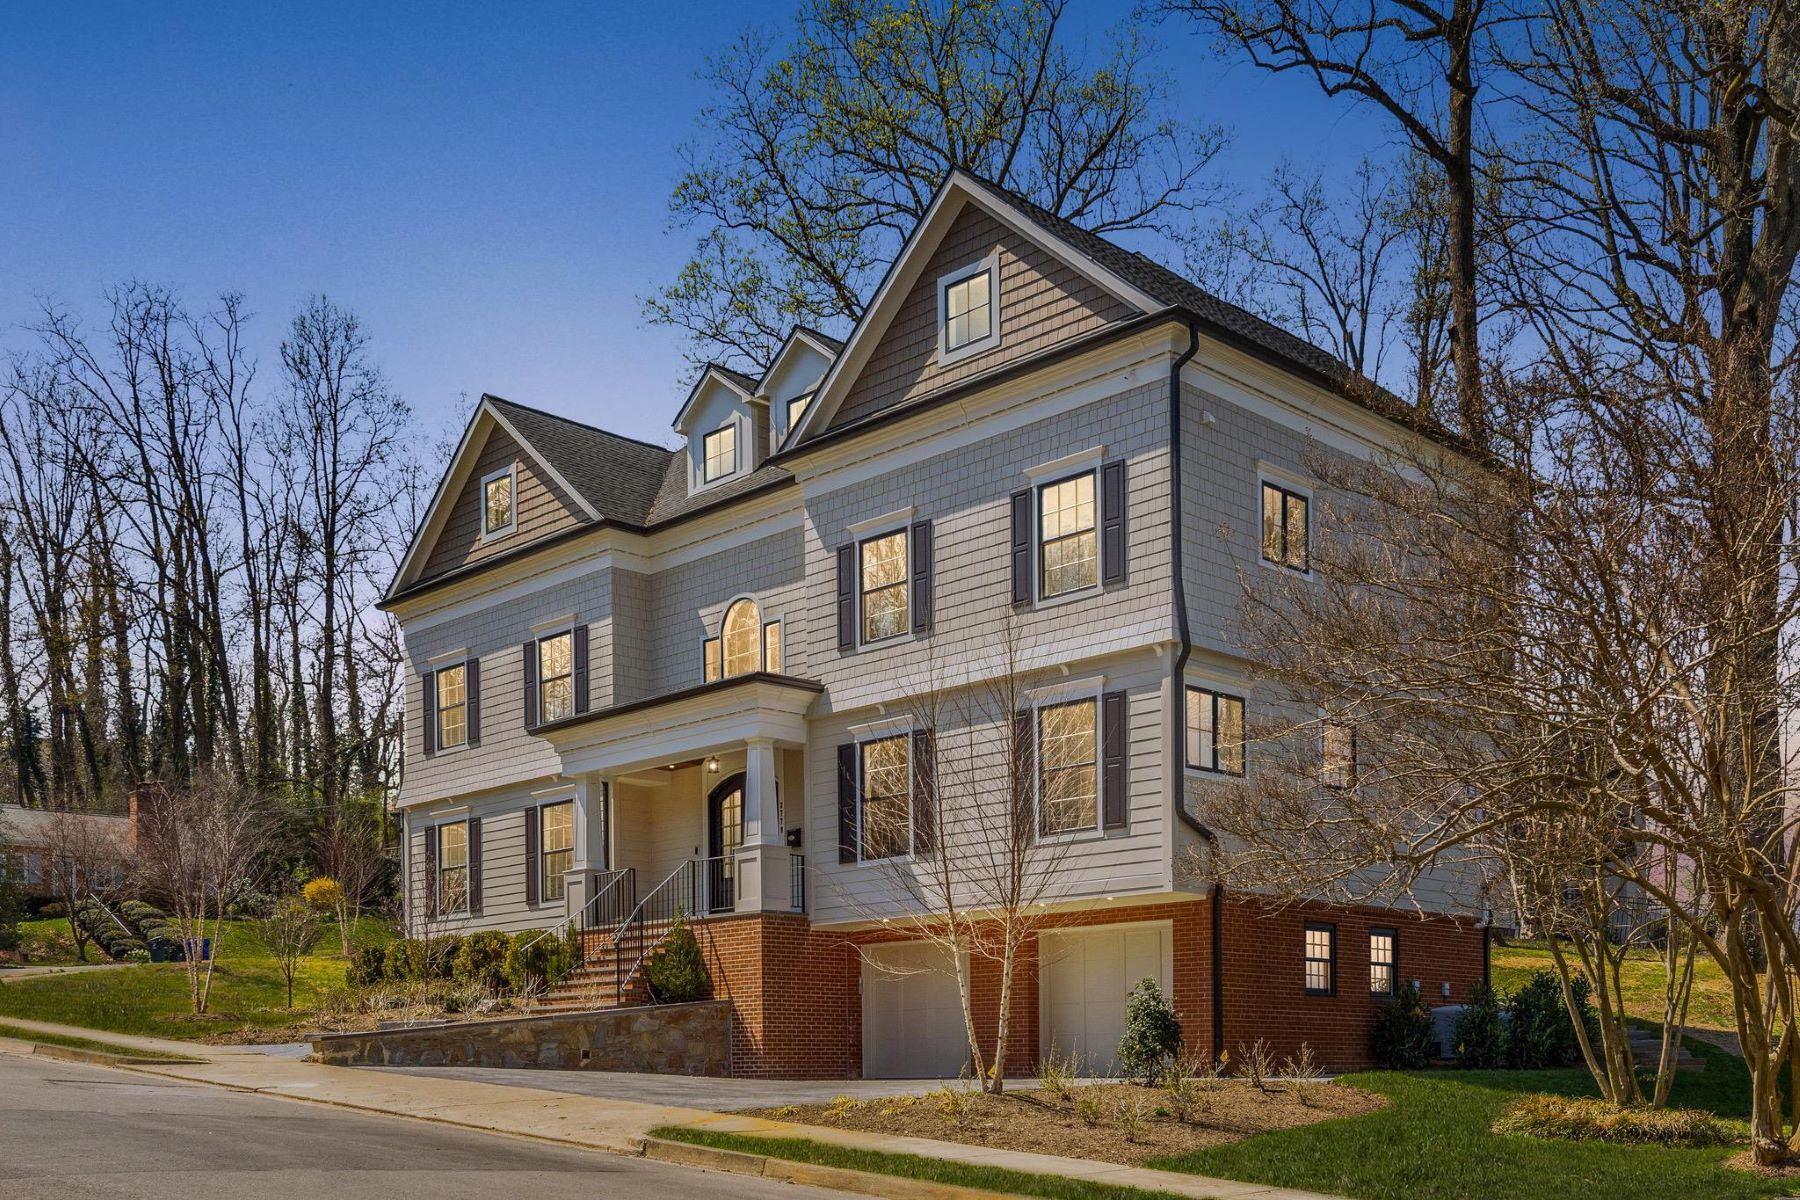 Single Family Homes для того Продажа на 2779 N Wakefield St Arlington, Виргиния 22207 Соединенные Штаты